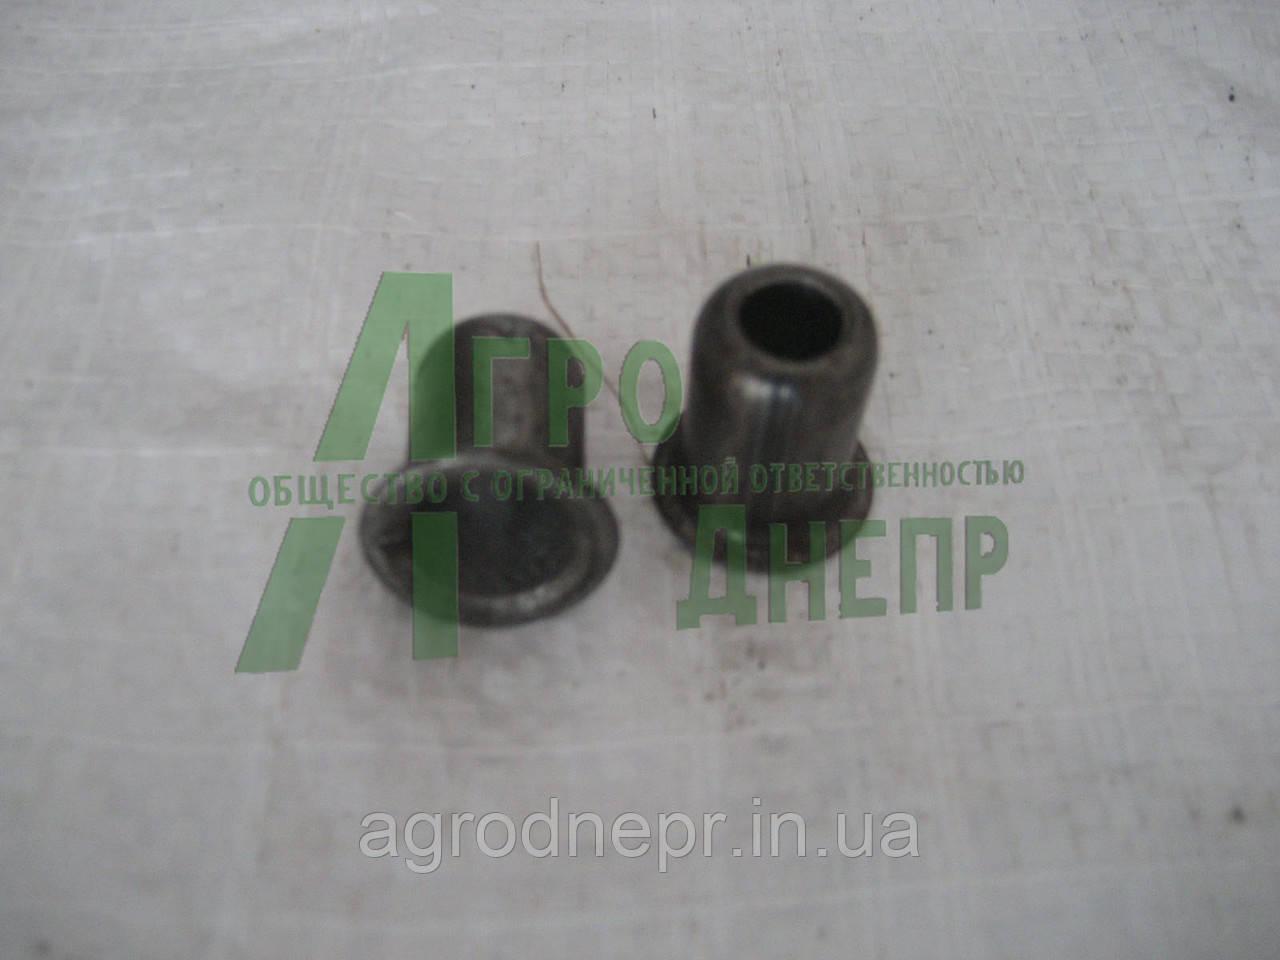 Стакан пружины сцепления ПД-10  Д25-033